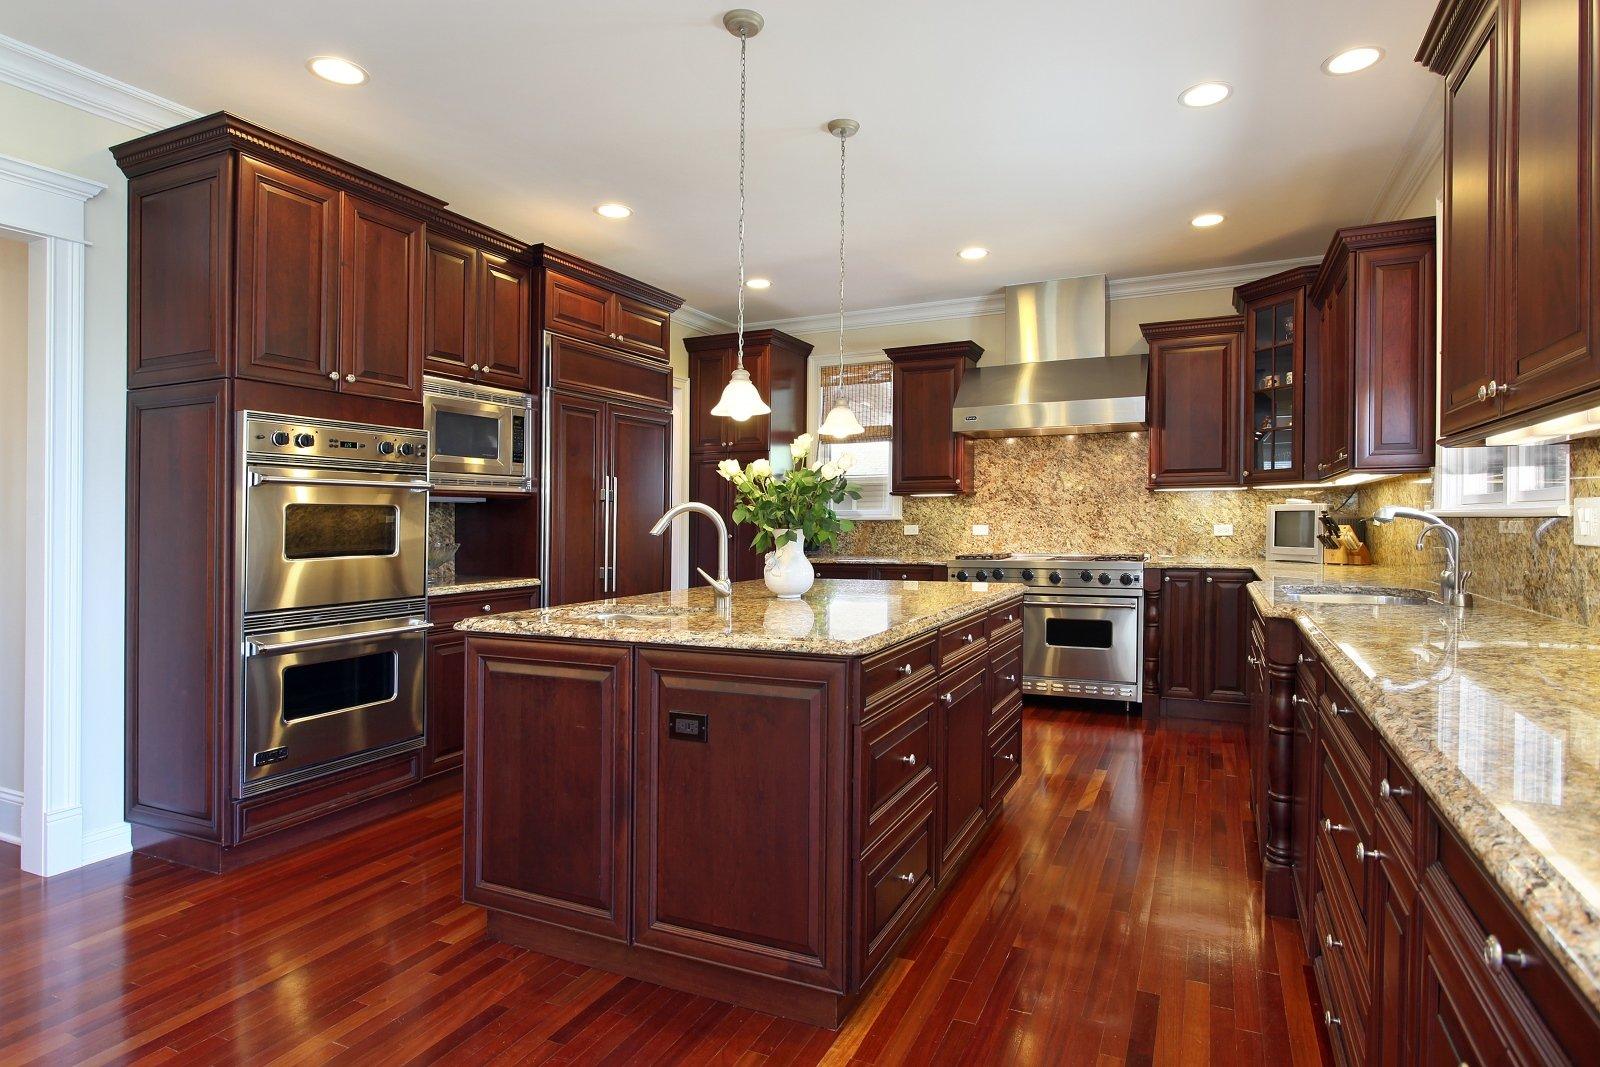 cucina con mobili e pavimento in legno